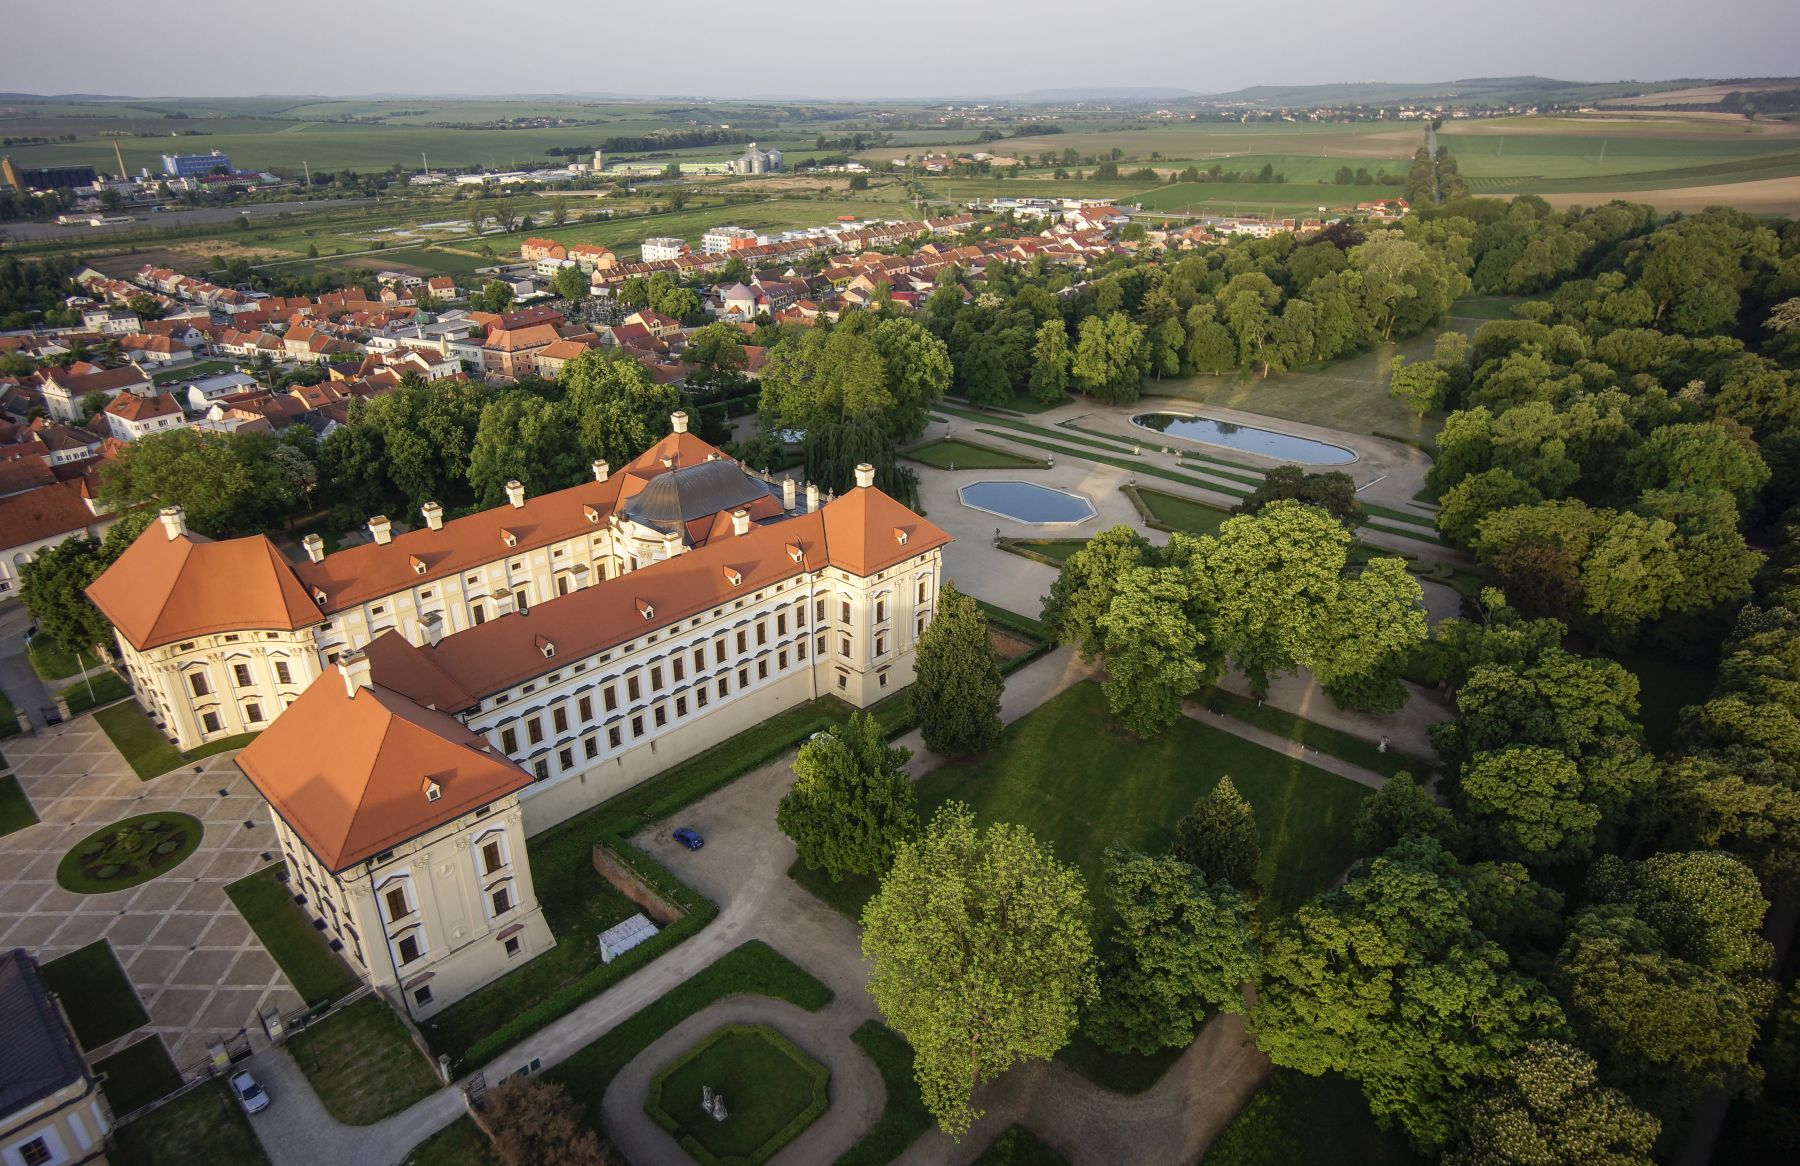 zámek Slavkov v okolí Brna